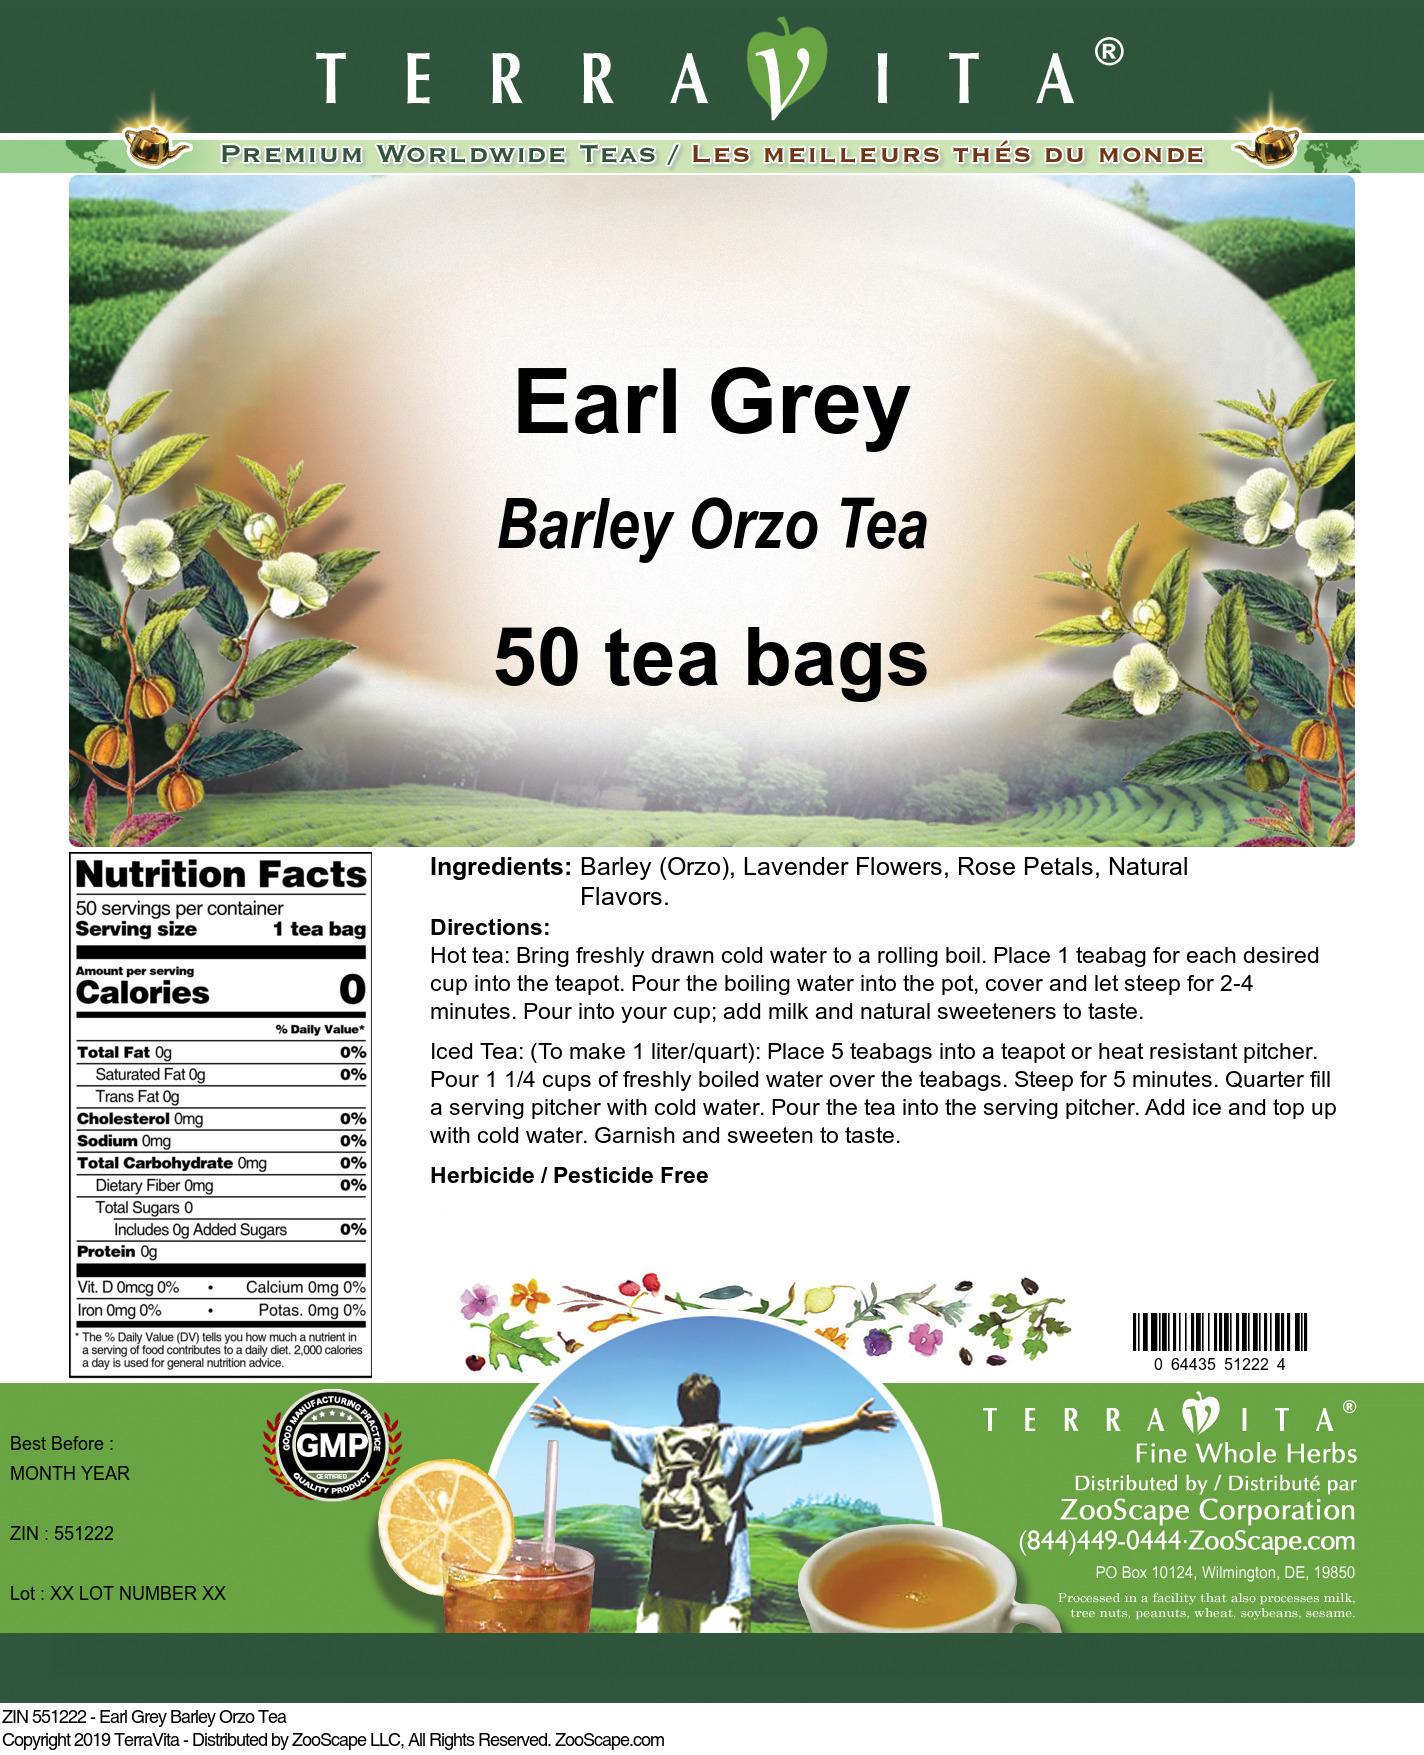 Earl Grey Barley Orzo